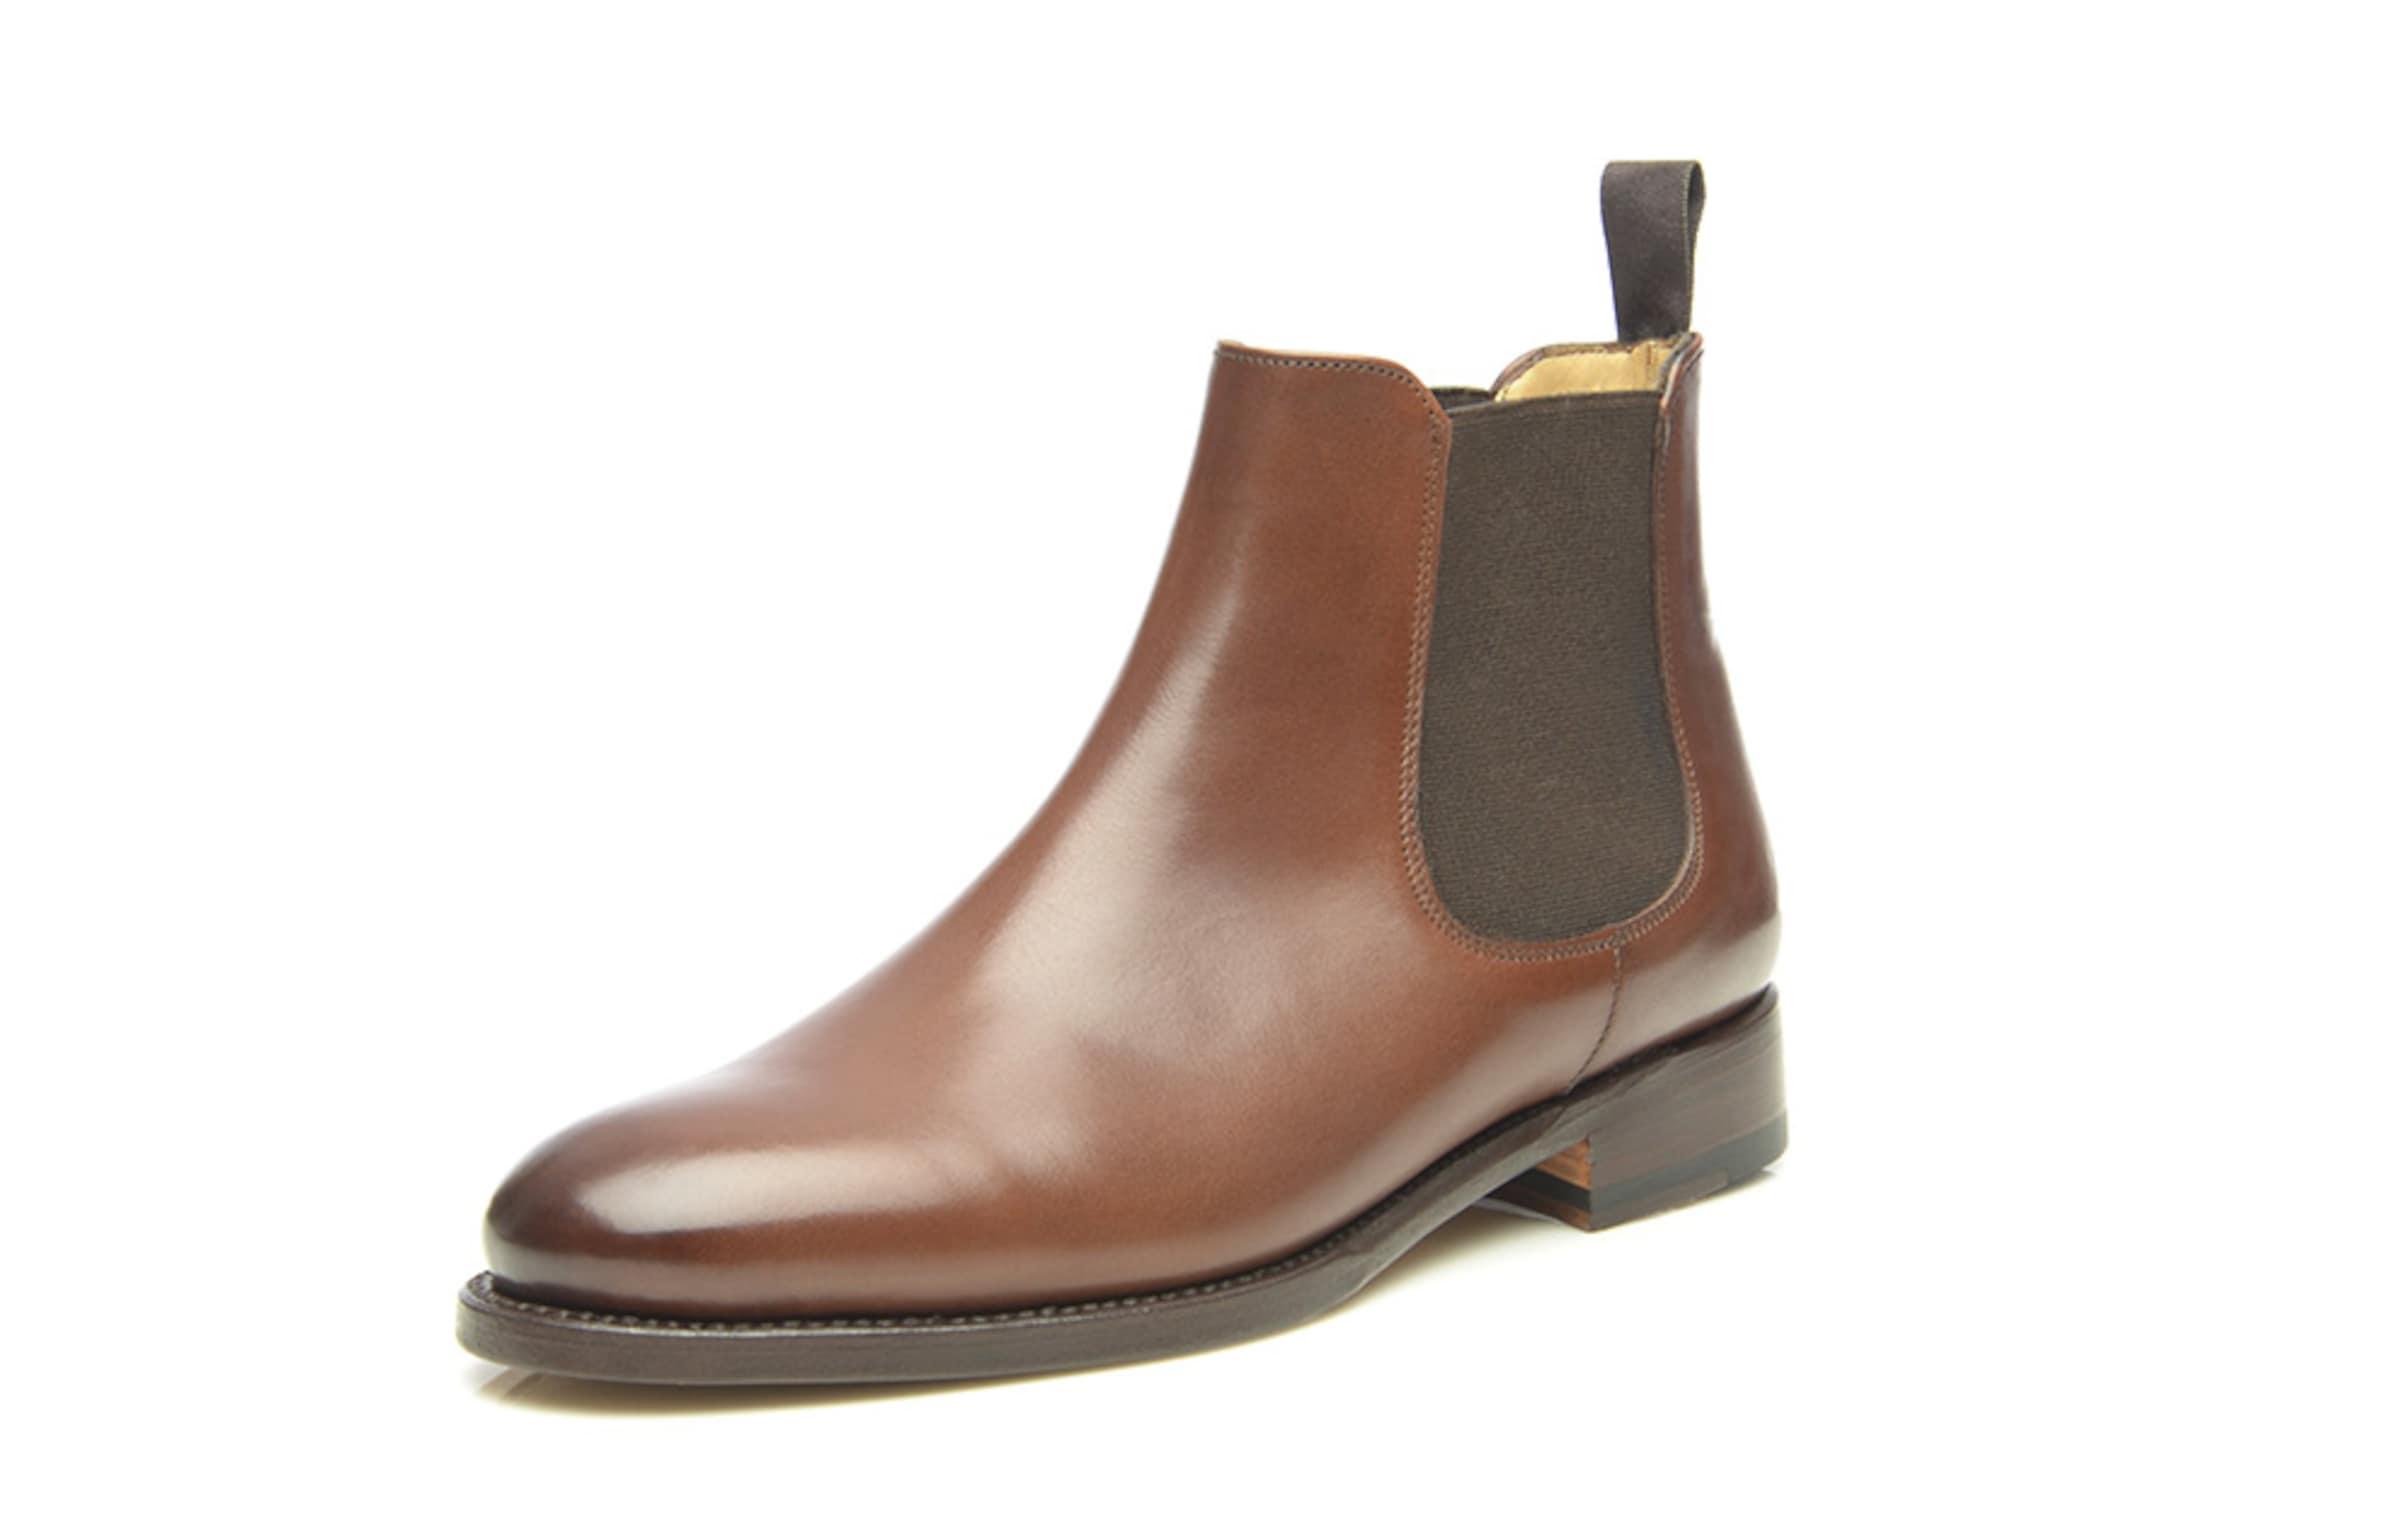 SHOEPASSION Stiefeletten No. 210 Verschleißfeste billige Schuhe